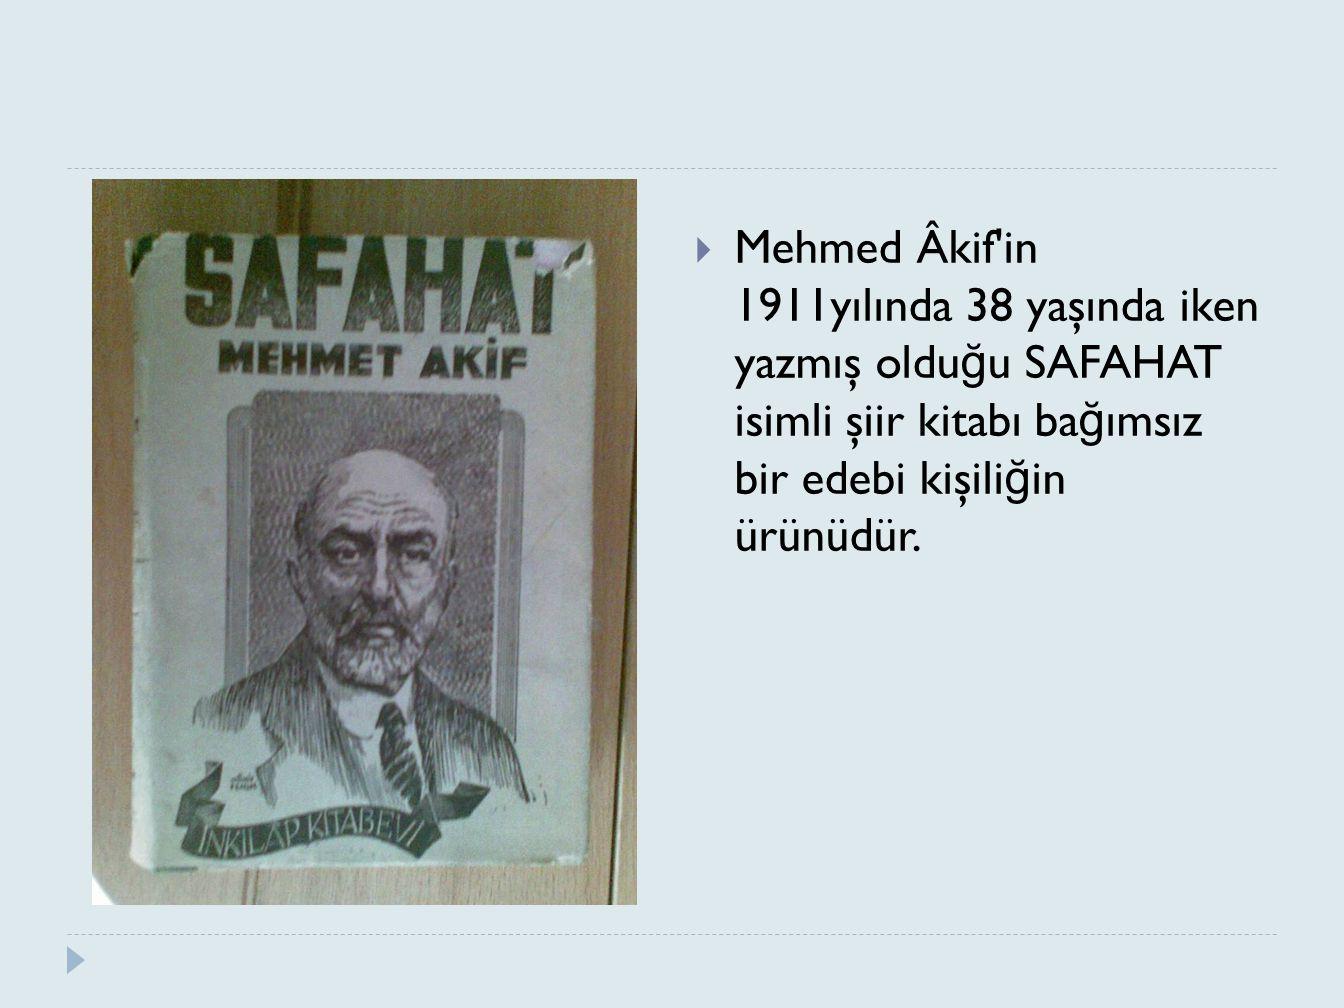  Mehmed Âkif'in 1911yılında 38 yaşında iken yazmış oldu ğ u SAFAHAT isimli şiir kitabı ba ğ ımsız bir edebi kişili ğ in ürünüdür.